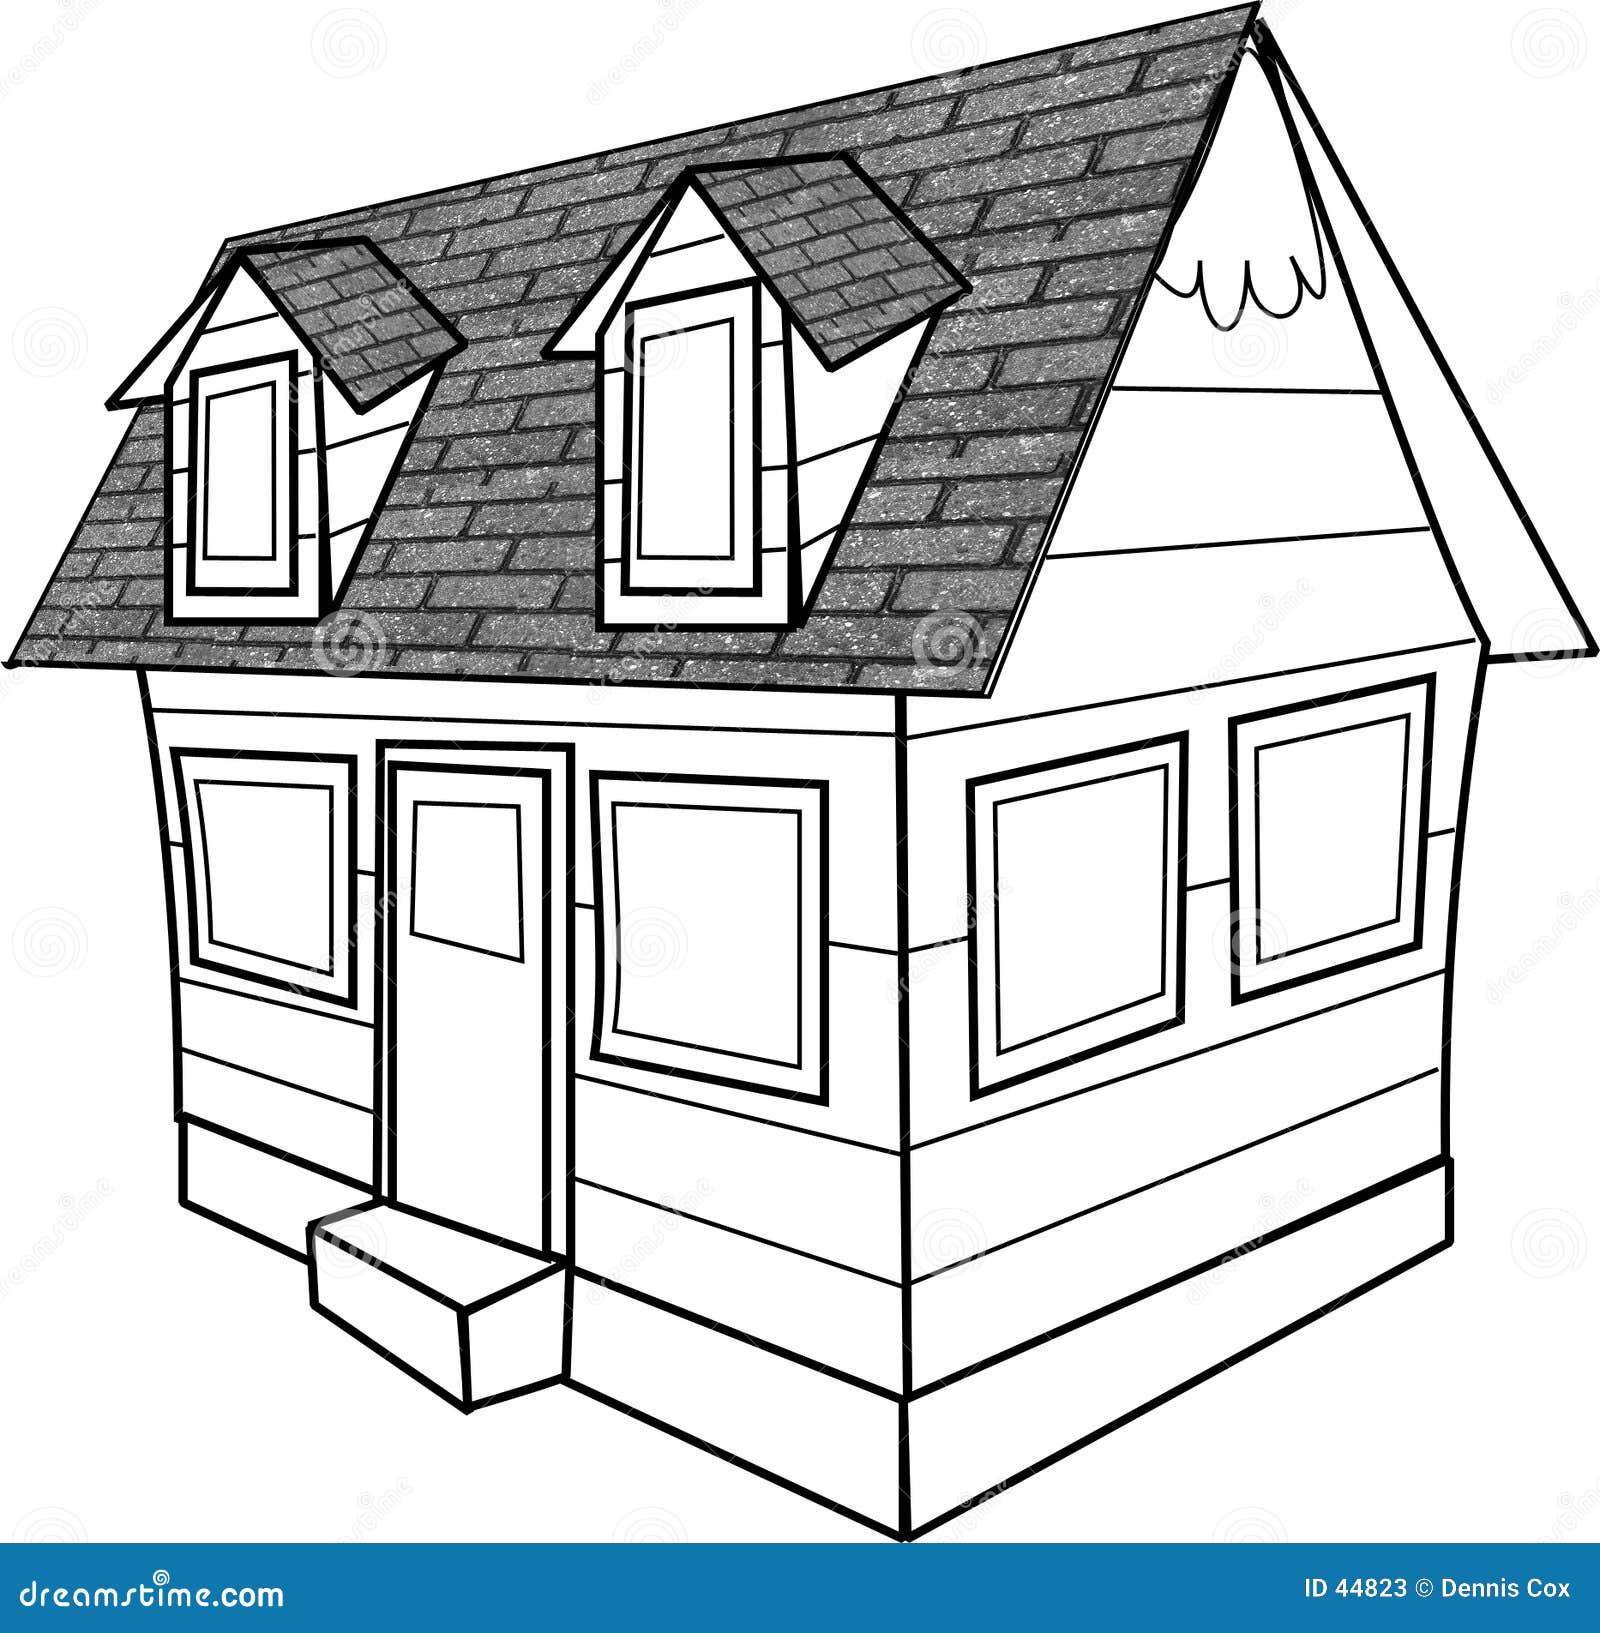 Disegno a tratteggio di un cottage